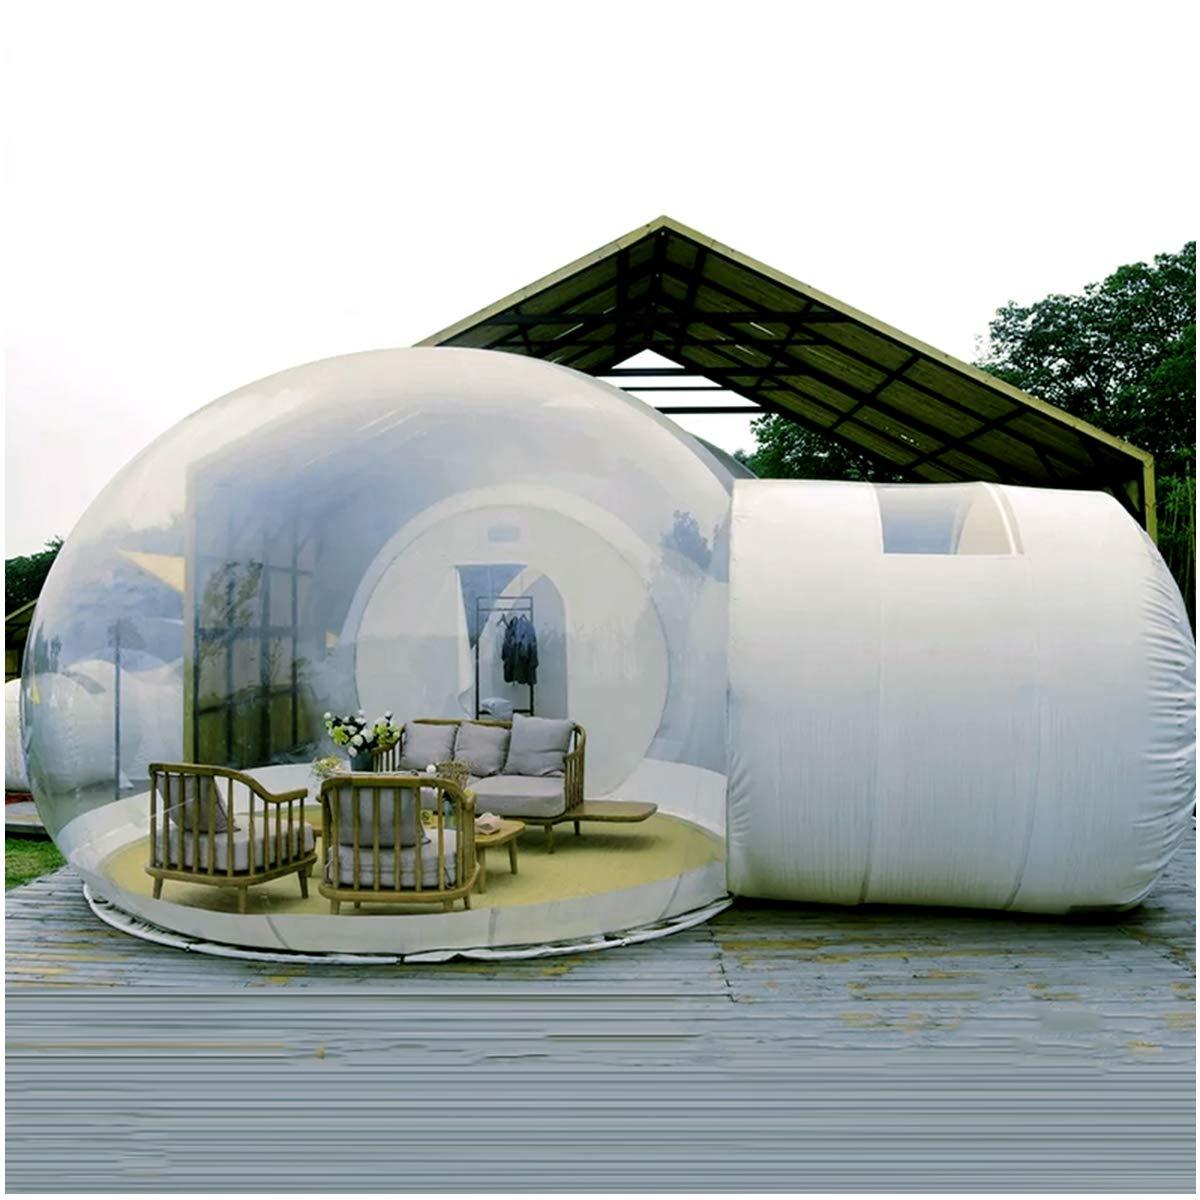 インフレータブル透明テント、ガーデンイグルー360ドーム、単層アンチプライバシー通路屋外豪華な半透明インフレータブルバブルテント,4MDiameter  4MDiameter